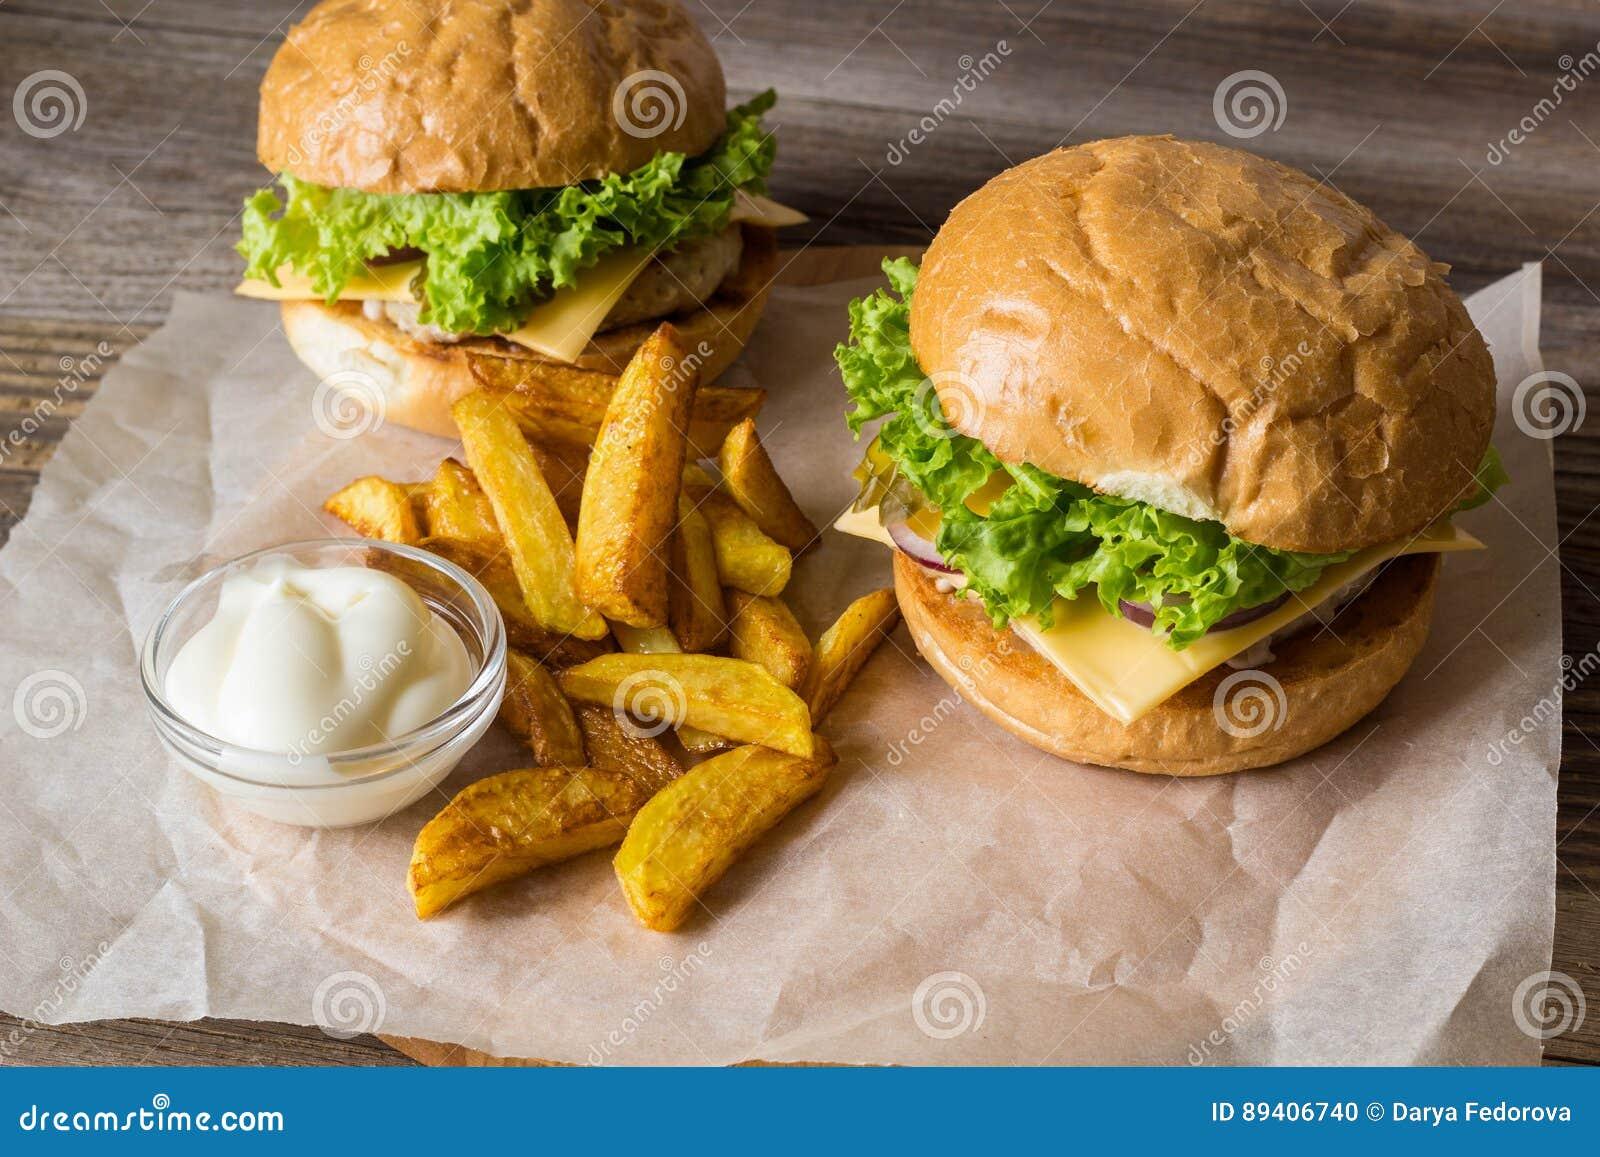 Dirija o Hamburger feito com galinha, cebola, pepino, alface e queijo na tabela de madeira com fritadas da batata